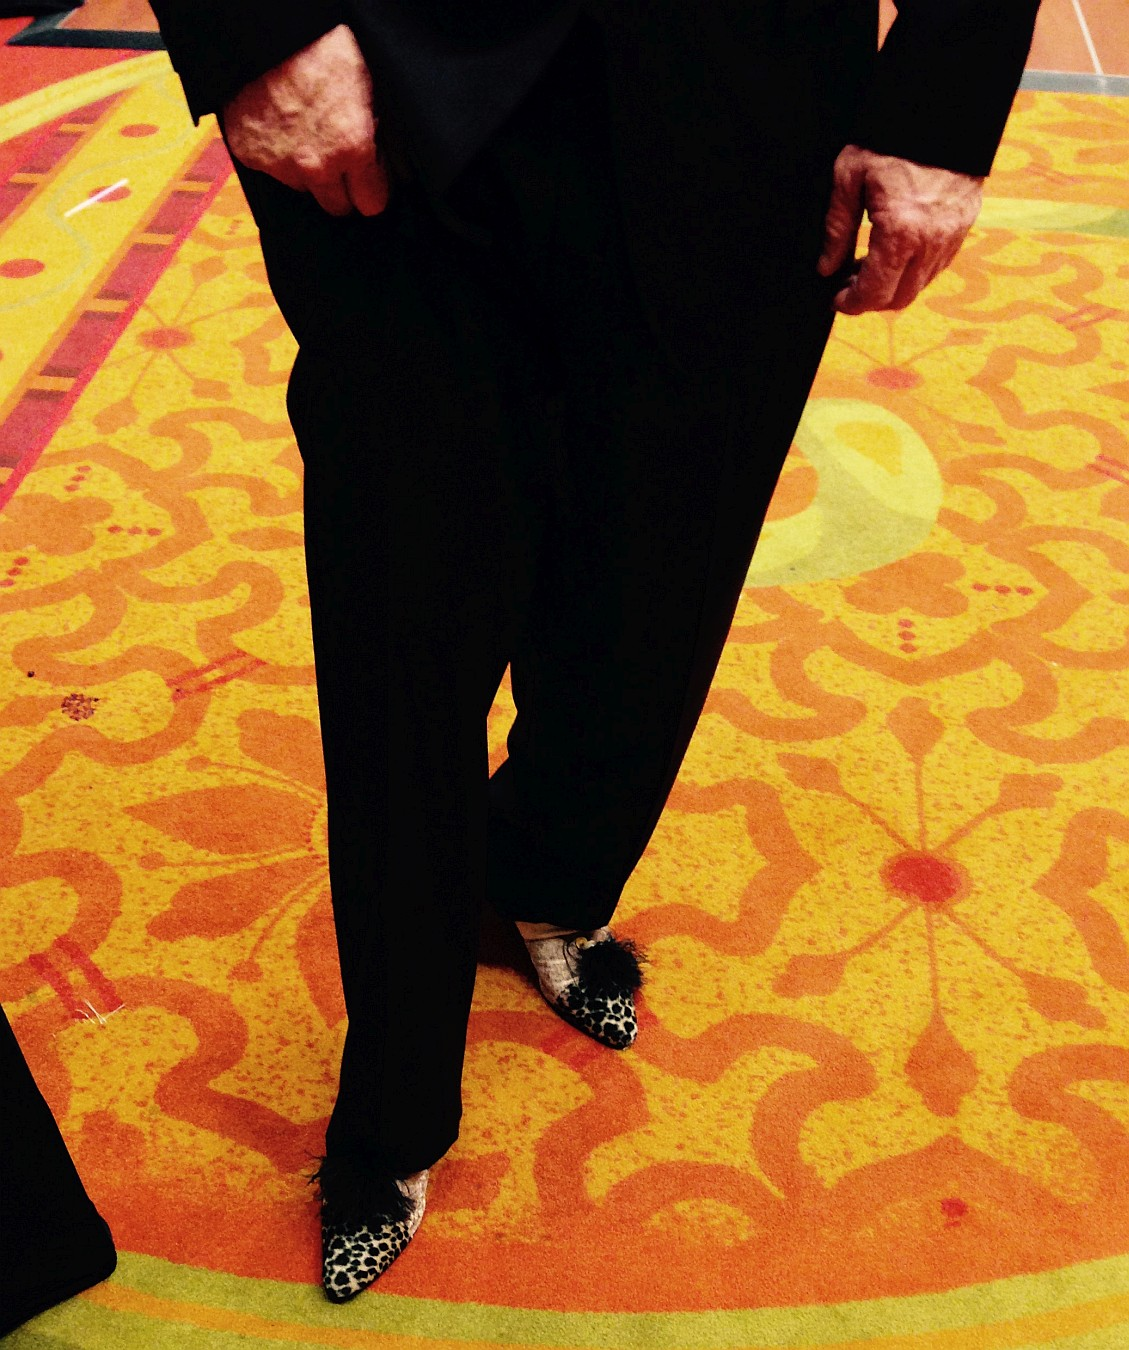 Monty Dixon showing shoes